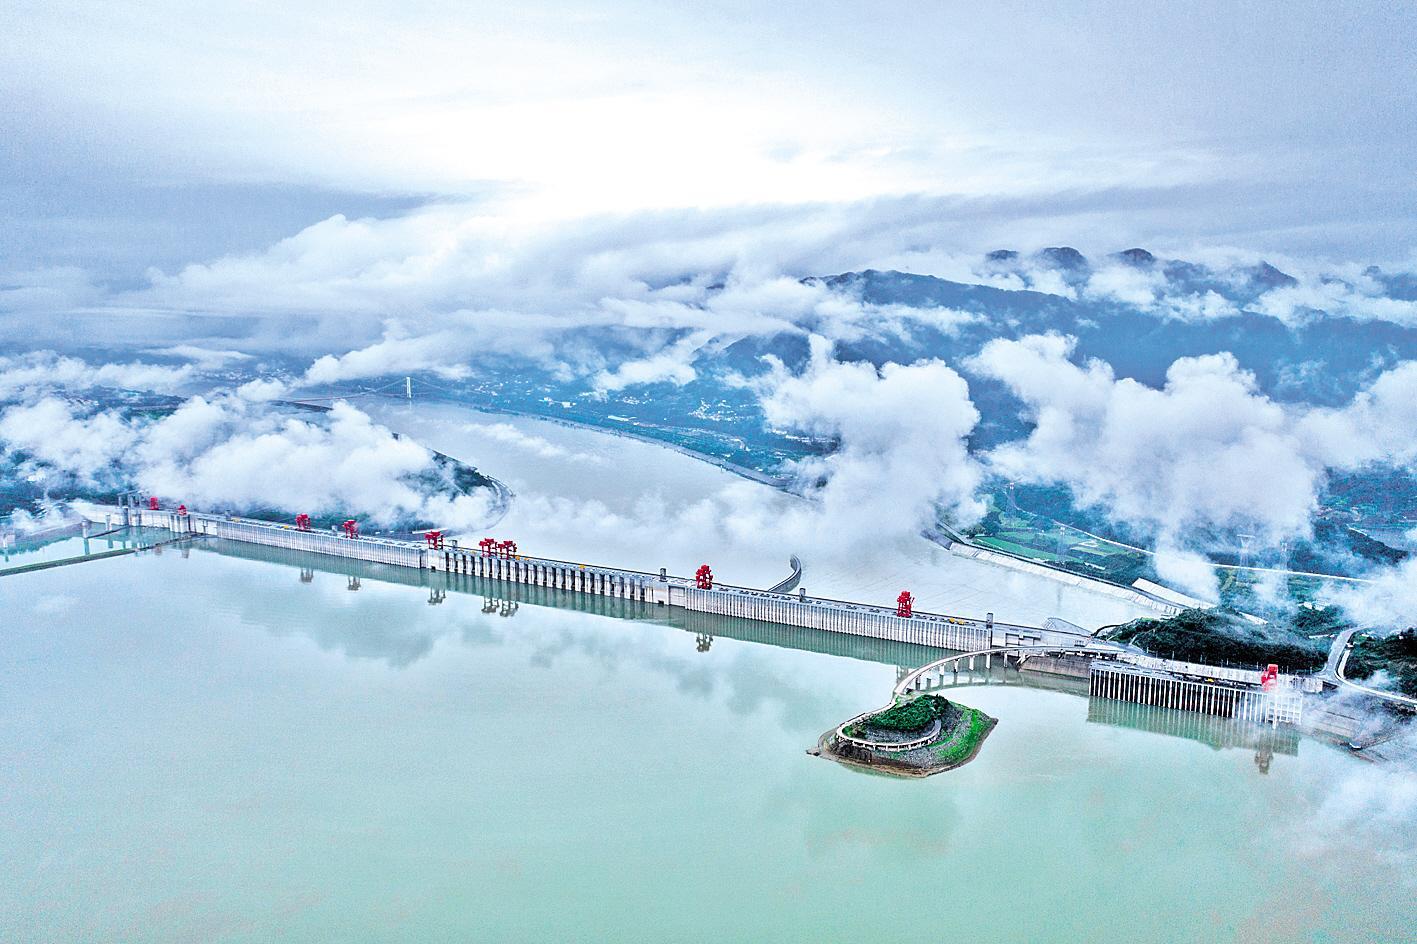 三峡工程:巍然挺立的民族复兴里程碑